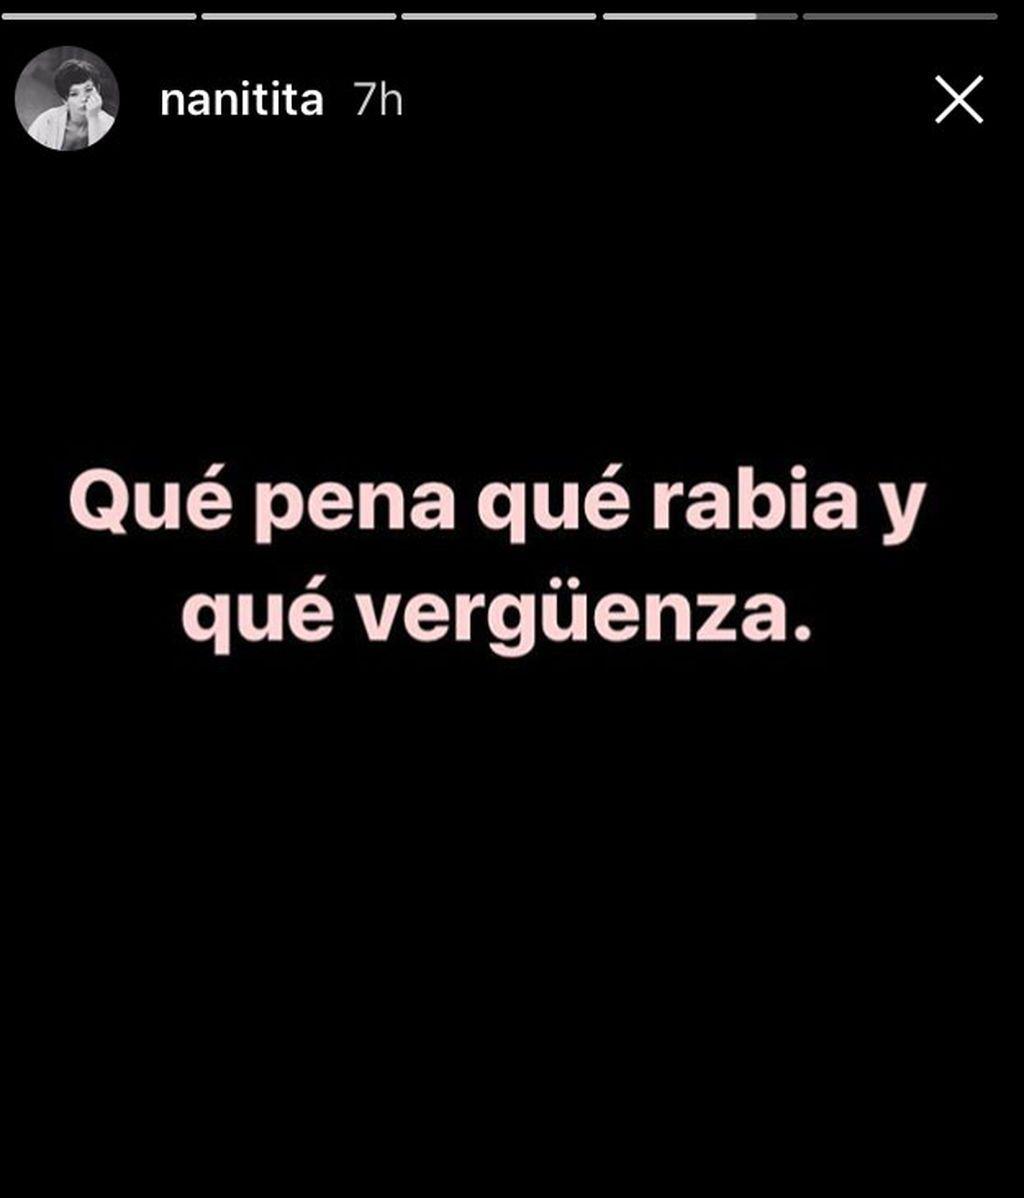 reacciones_vip_1o_anna_castello